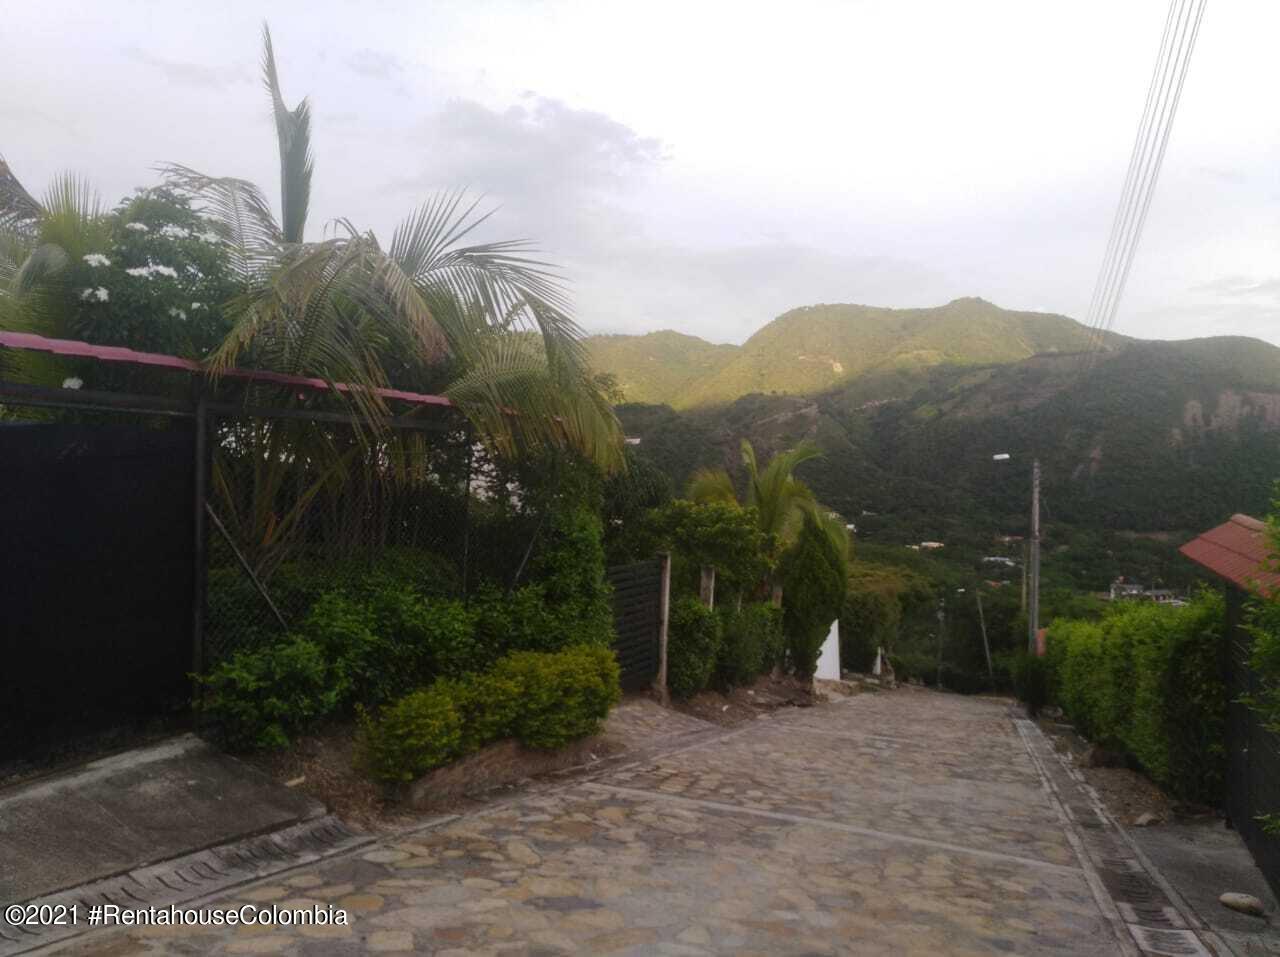 Terreno Cundinamarca>Apulo>Vereda Guacamayas - Venta:90.000.000 Pesos - codigo: 22-1467